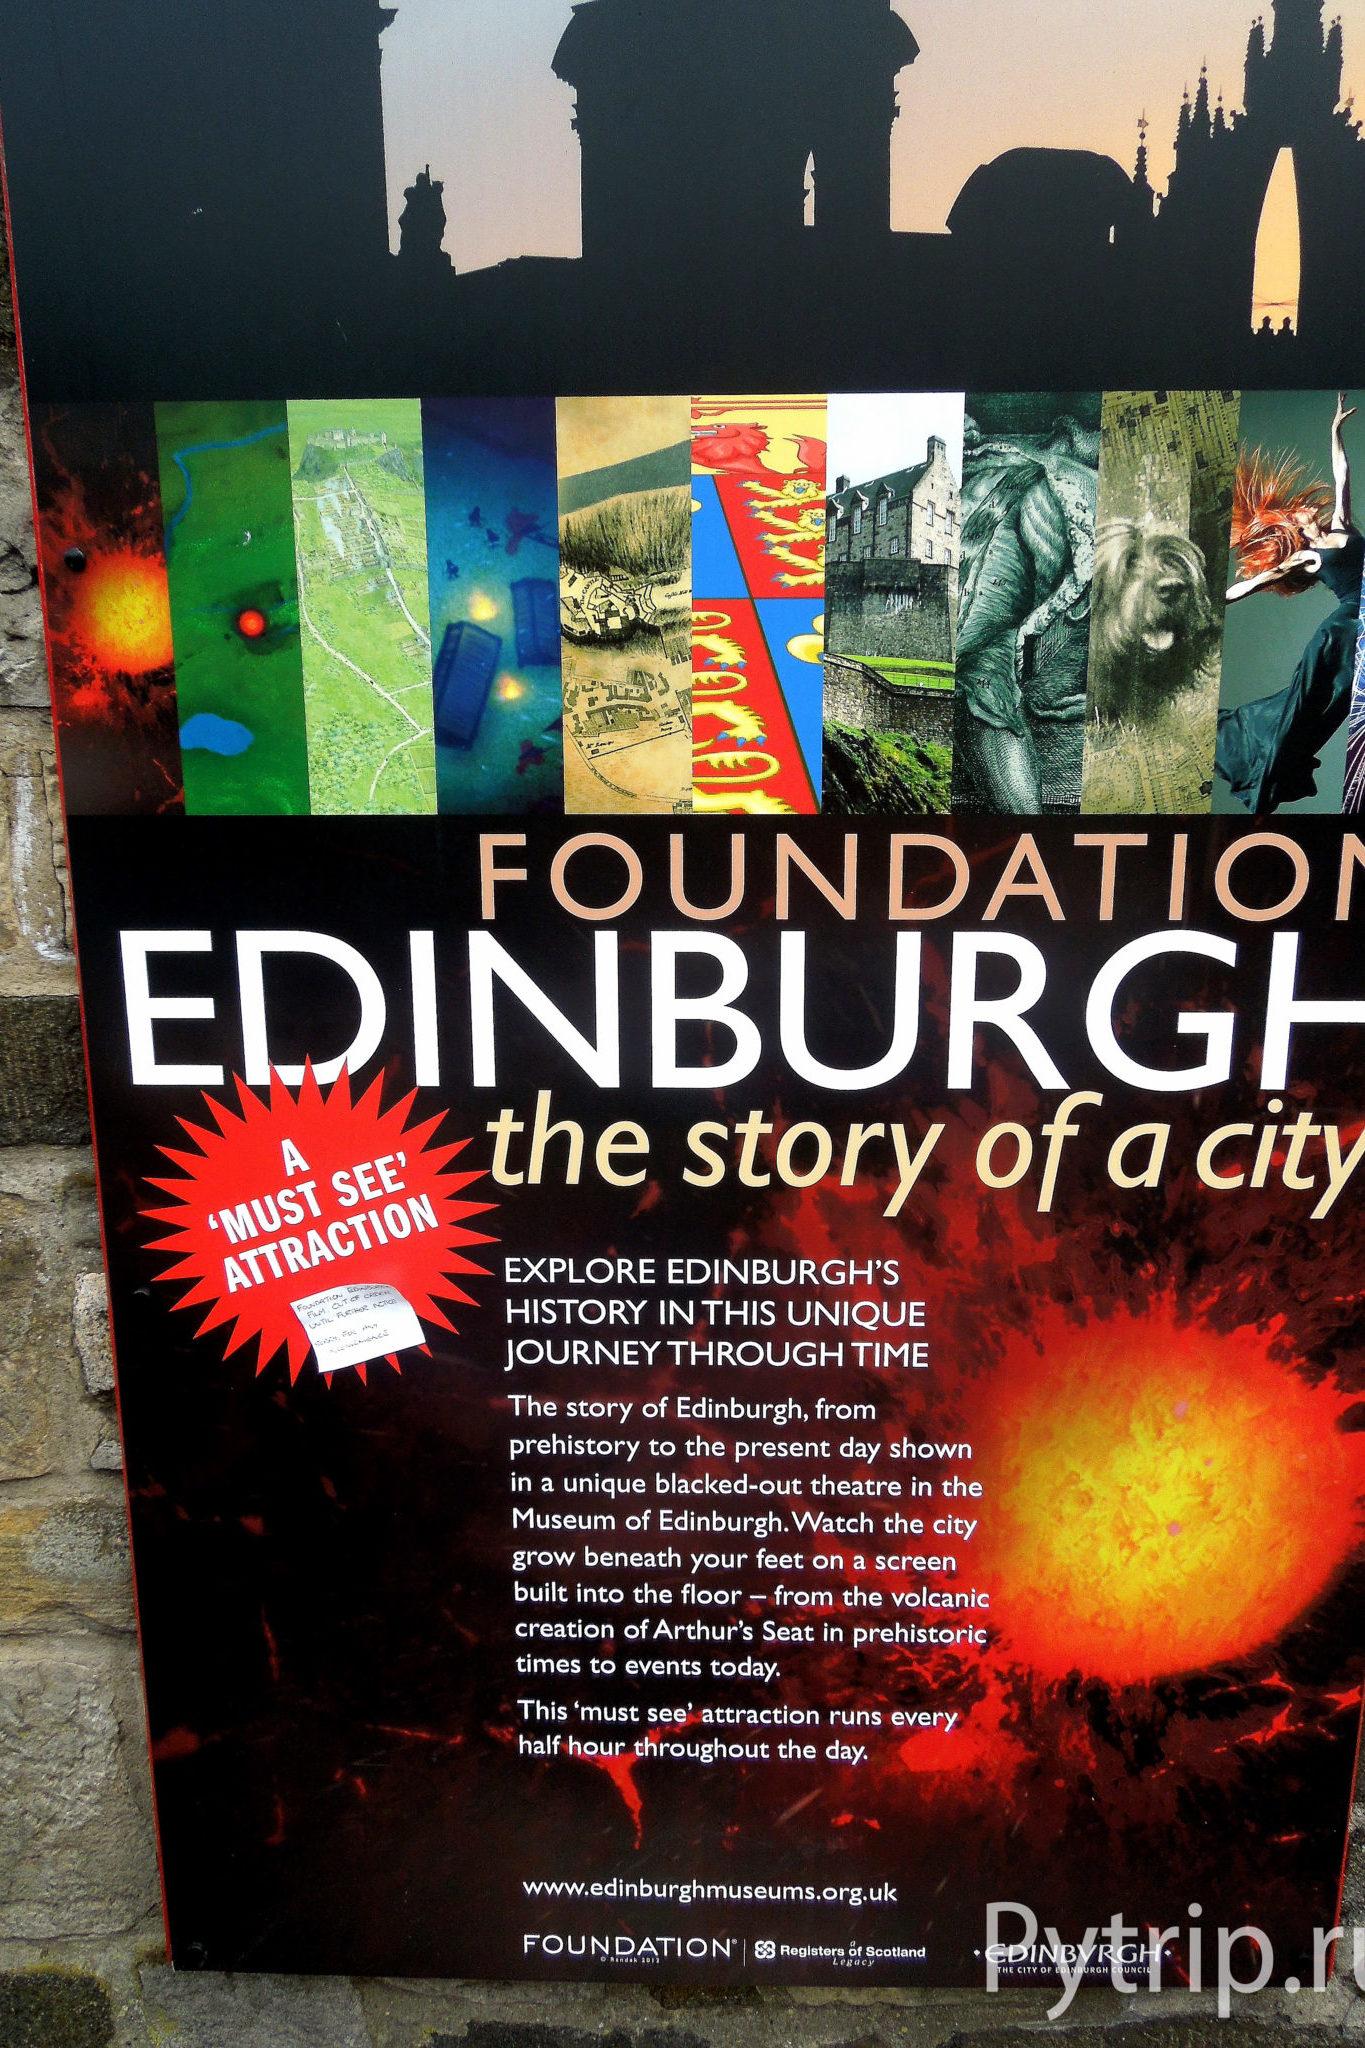 День 2 а Эдинбурге